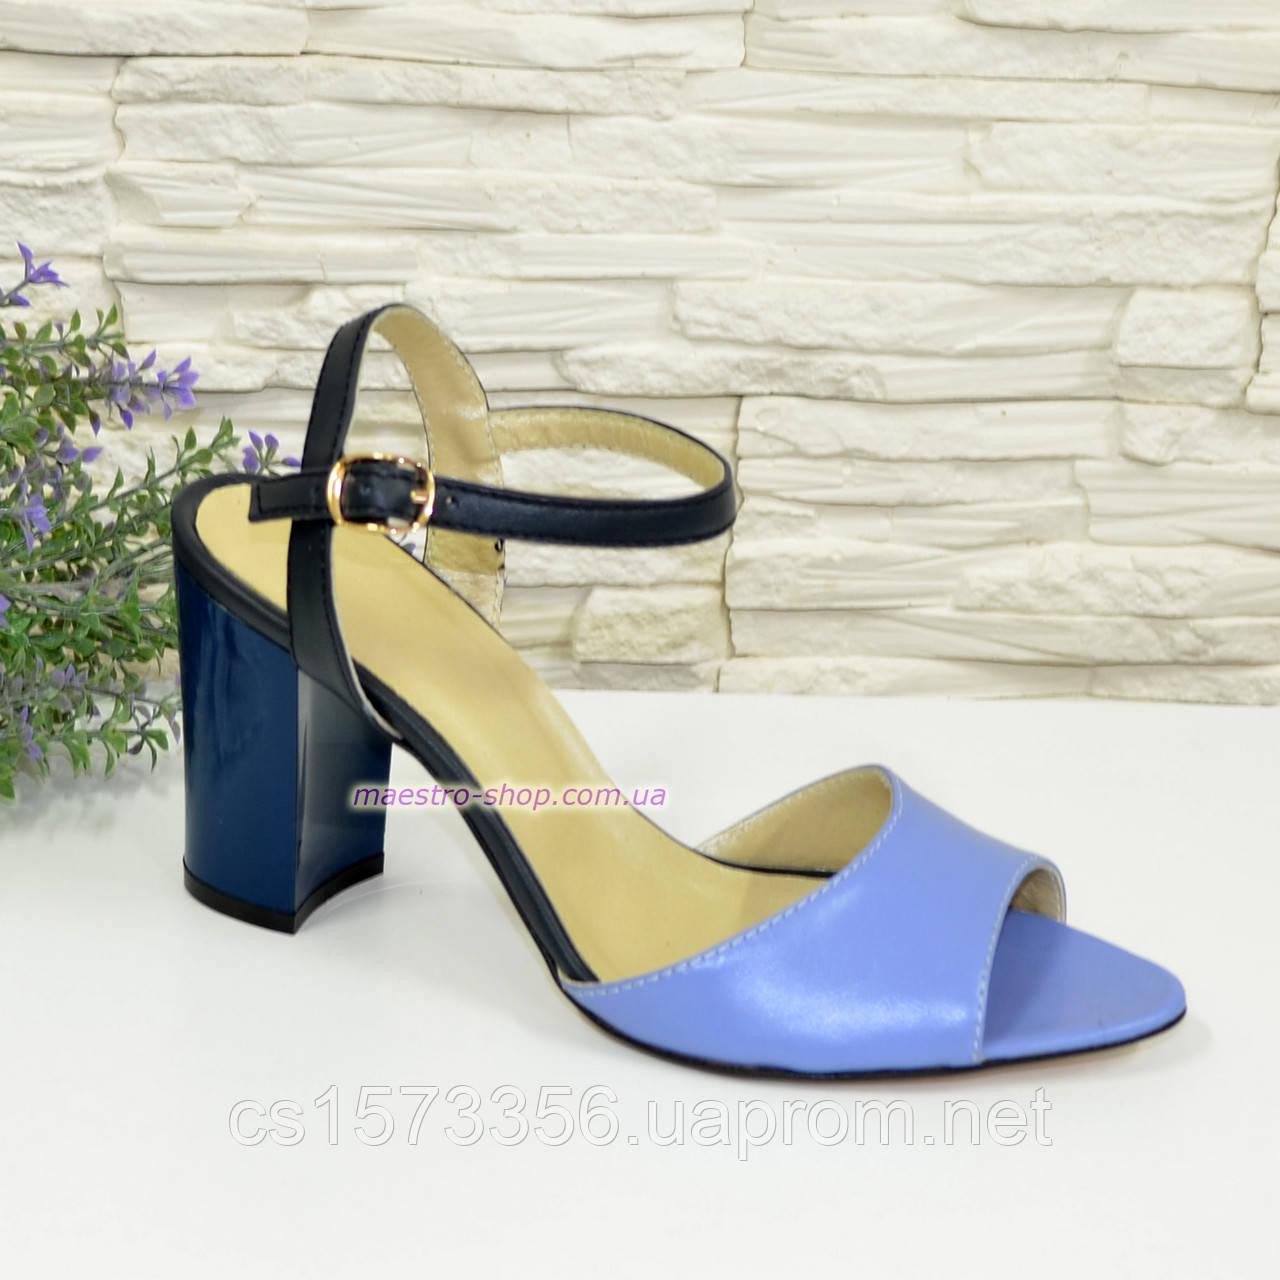 Женские кожаные босоножки на устойчивом каблуке, цвет голубой и синий.